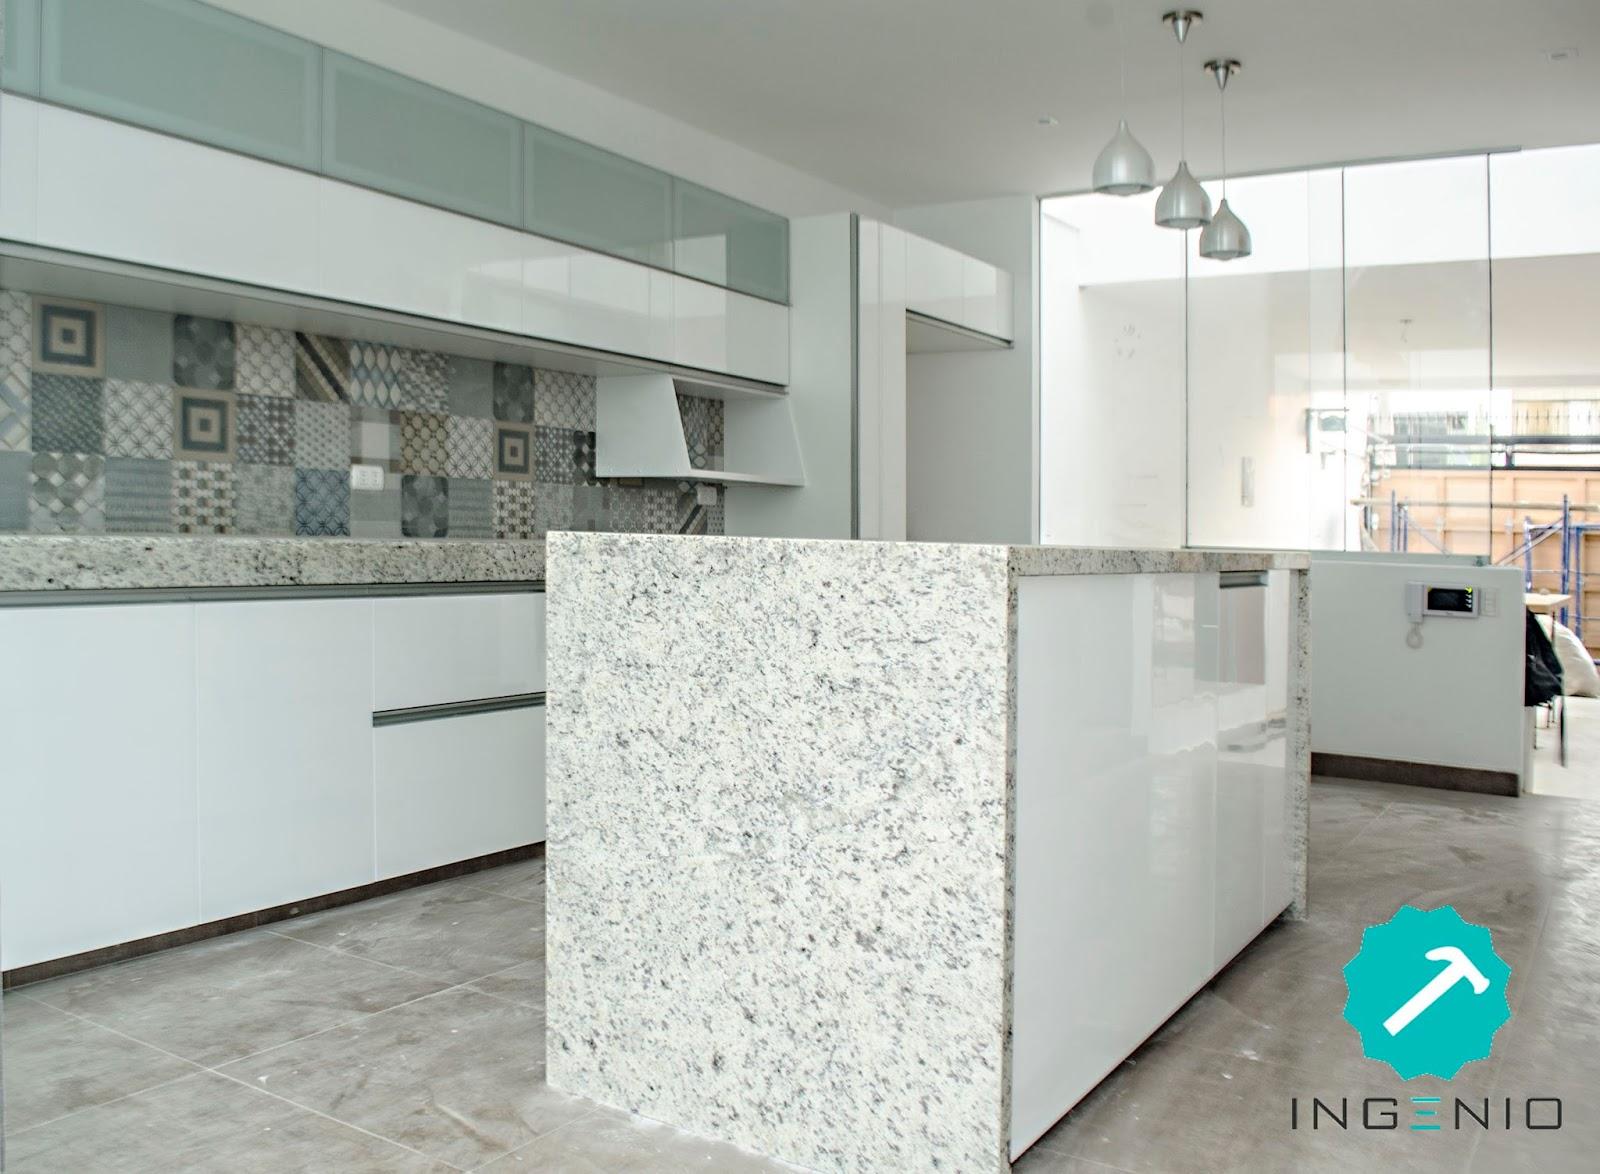 Mueble De Cocina Con Acabado Poliuretano Blanco